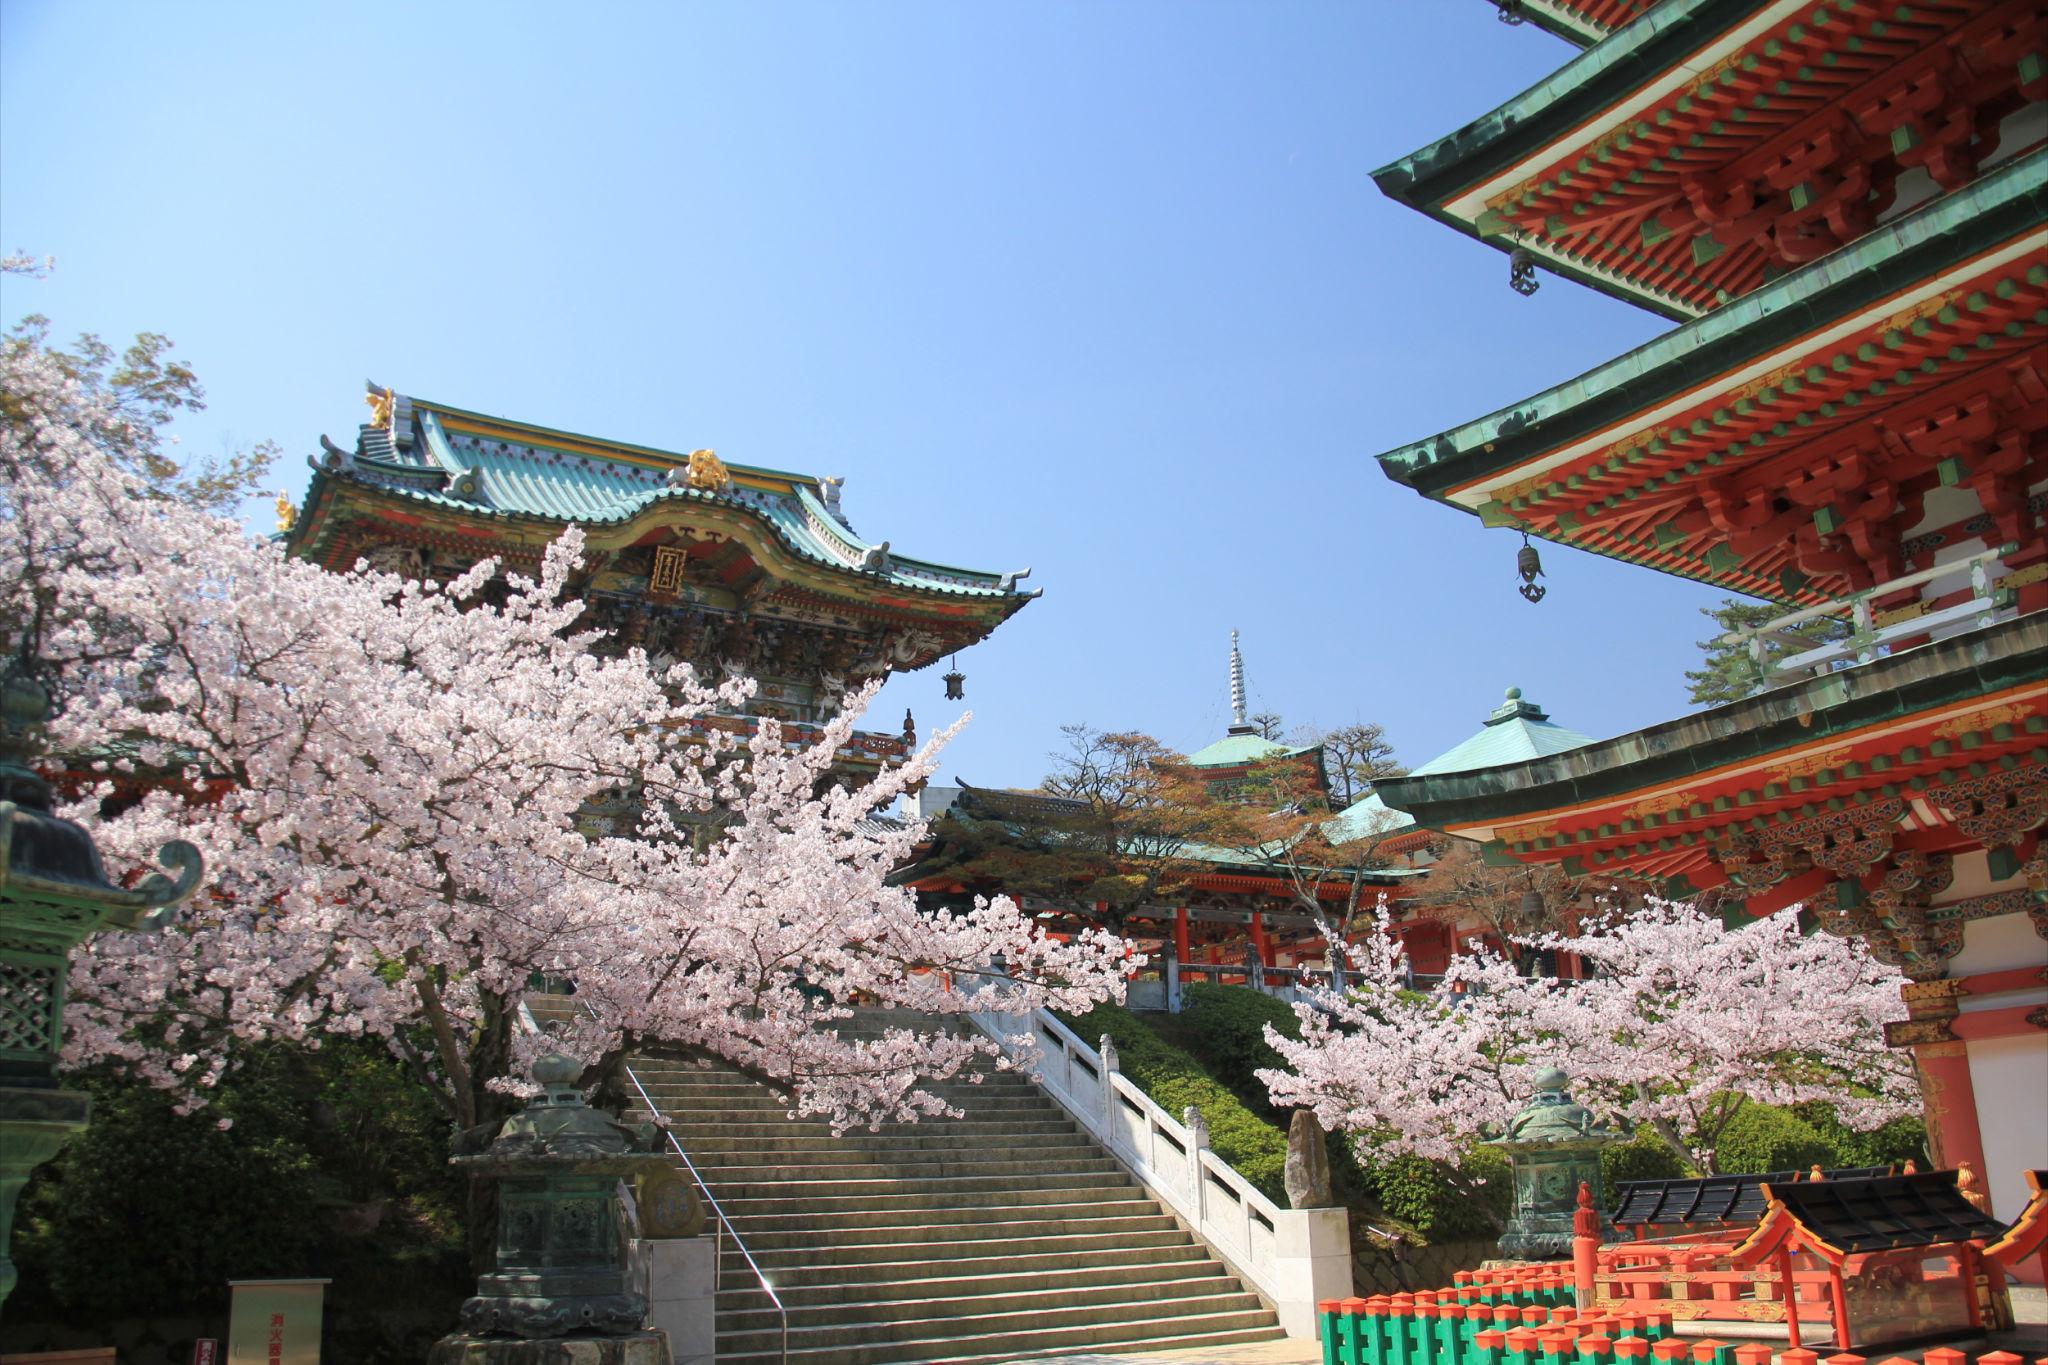 耕三寺は未来心の丘で話題のお寺!博物館など散策スポットも!アクセスは?